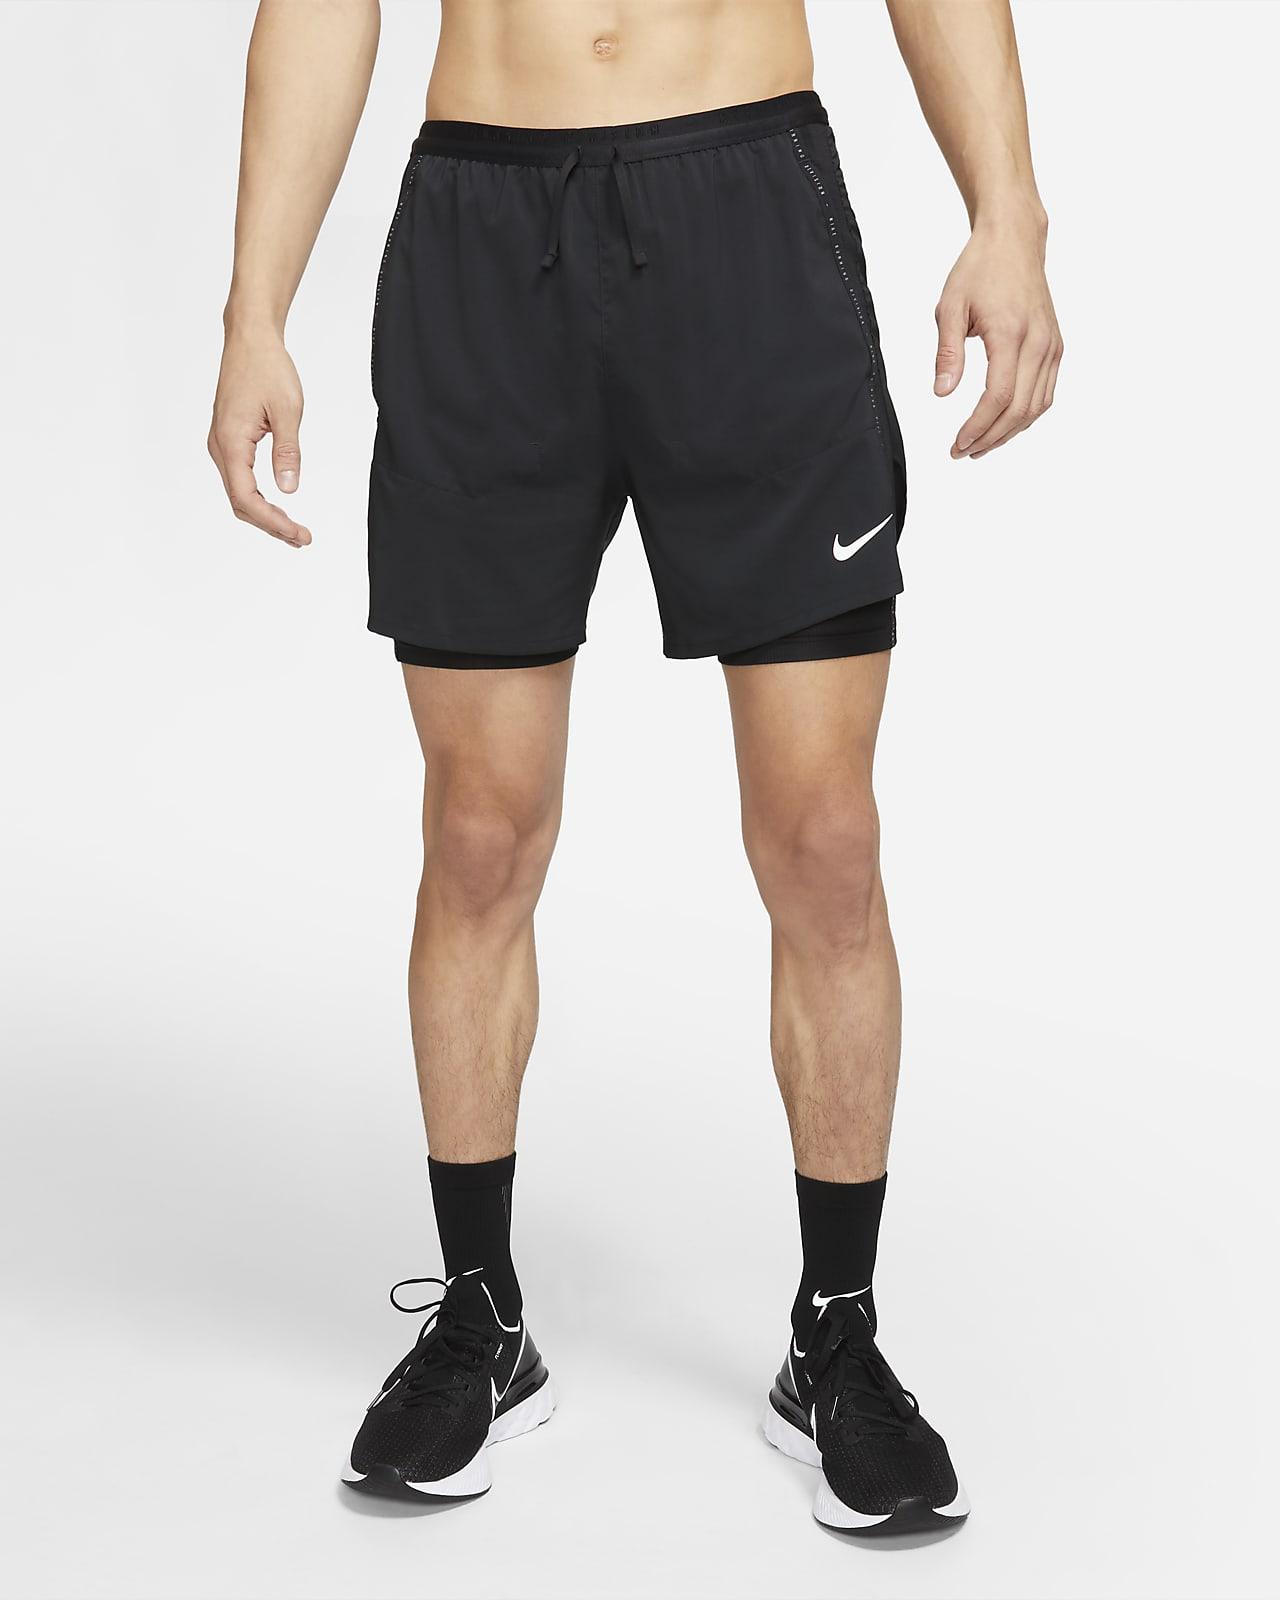 กางเกงวิ่งขาสั้นผู้ชายไฮบริด Nike Flex Stride Run Division